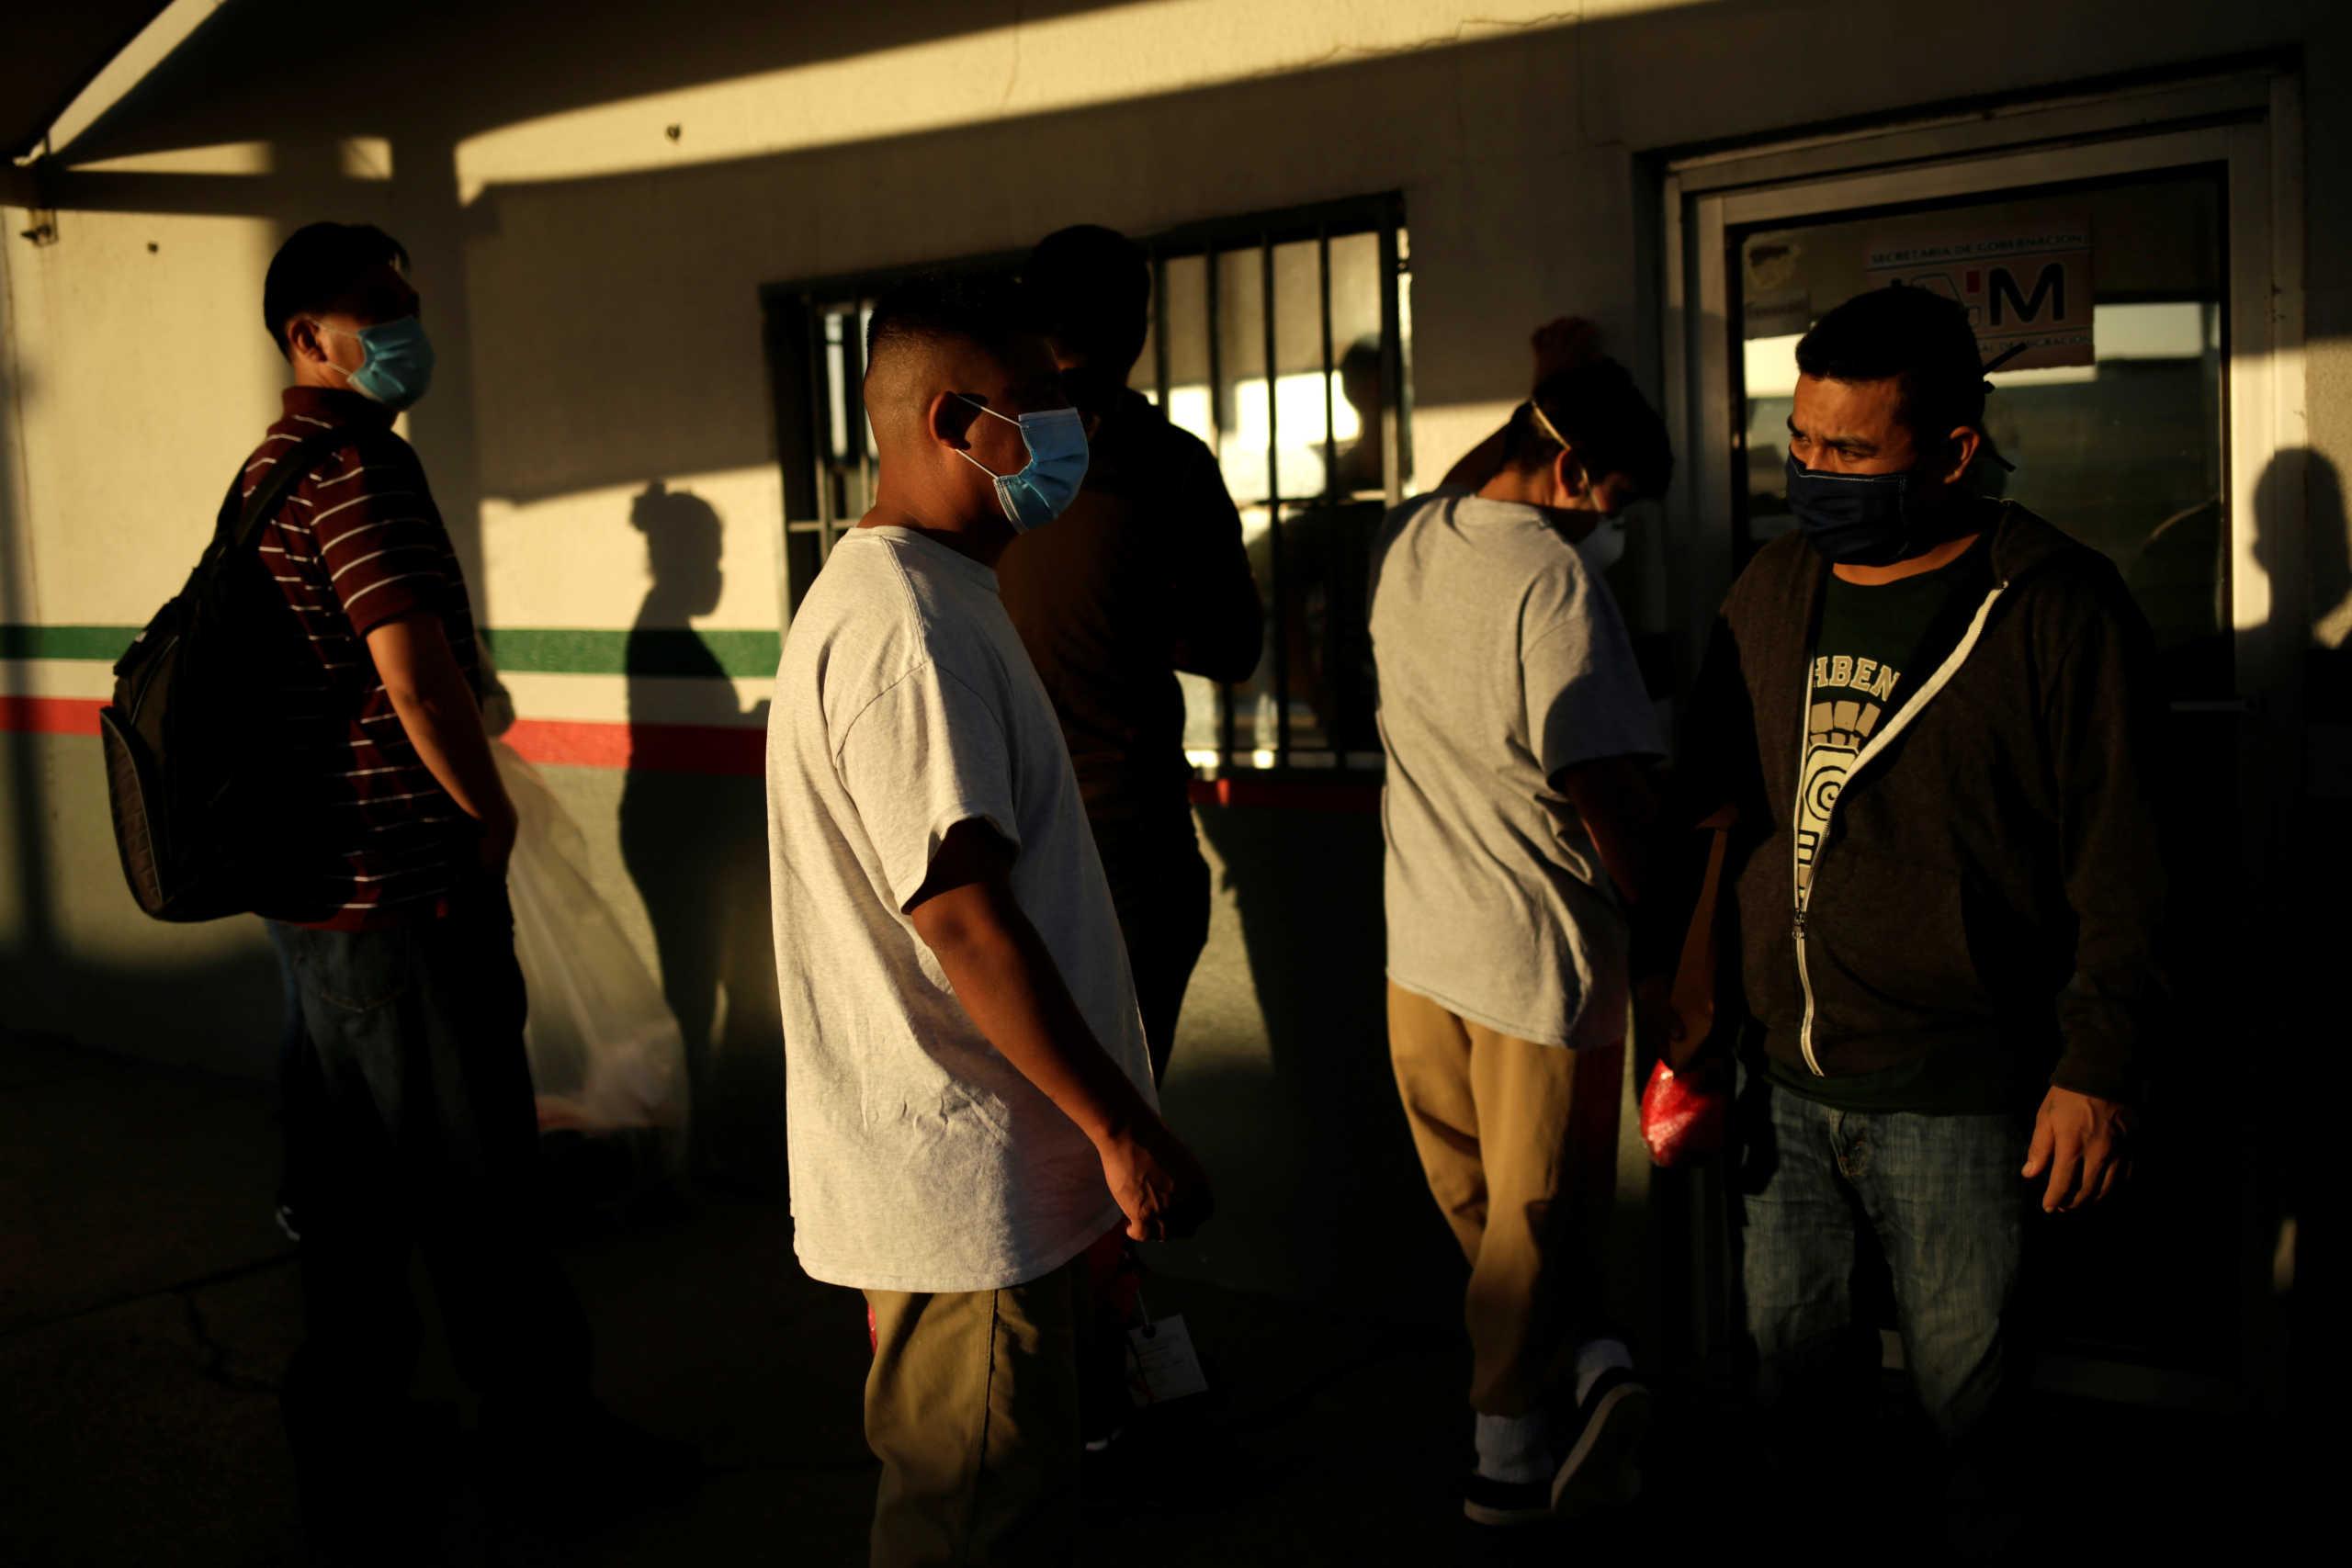 ΗΠΑ: Τέλος στις απελάσεις μεταναστών που δεν διαθέτουν νόμιμα έγγραφα